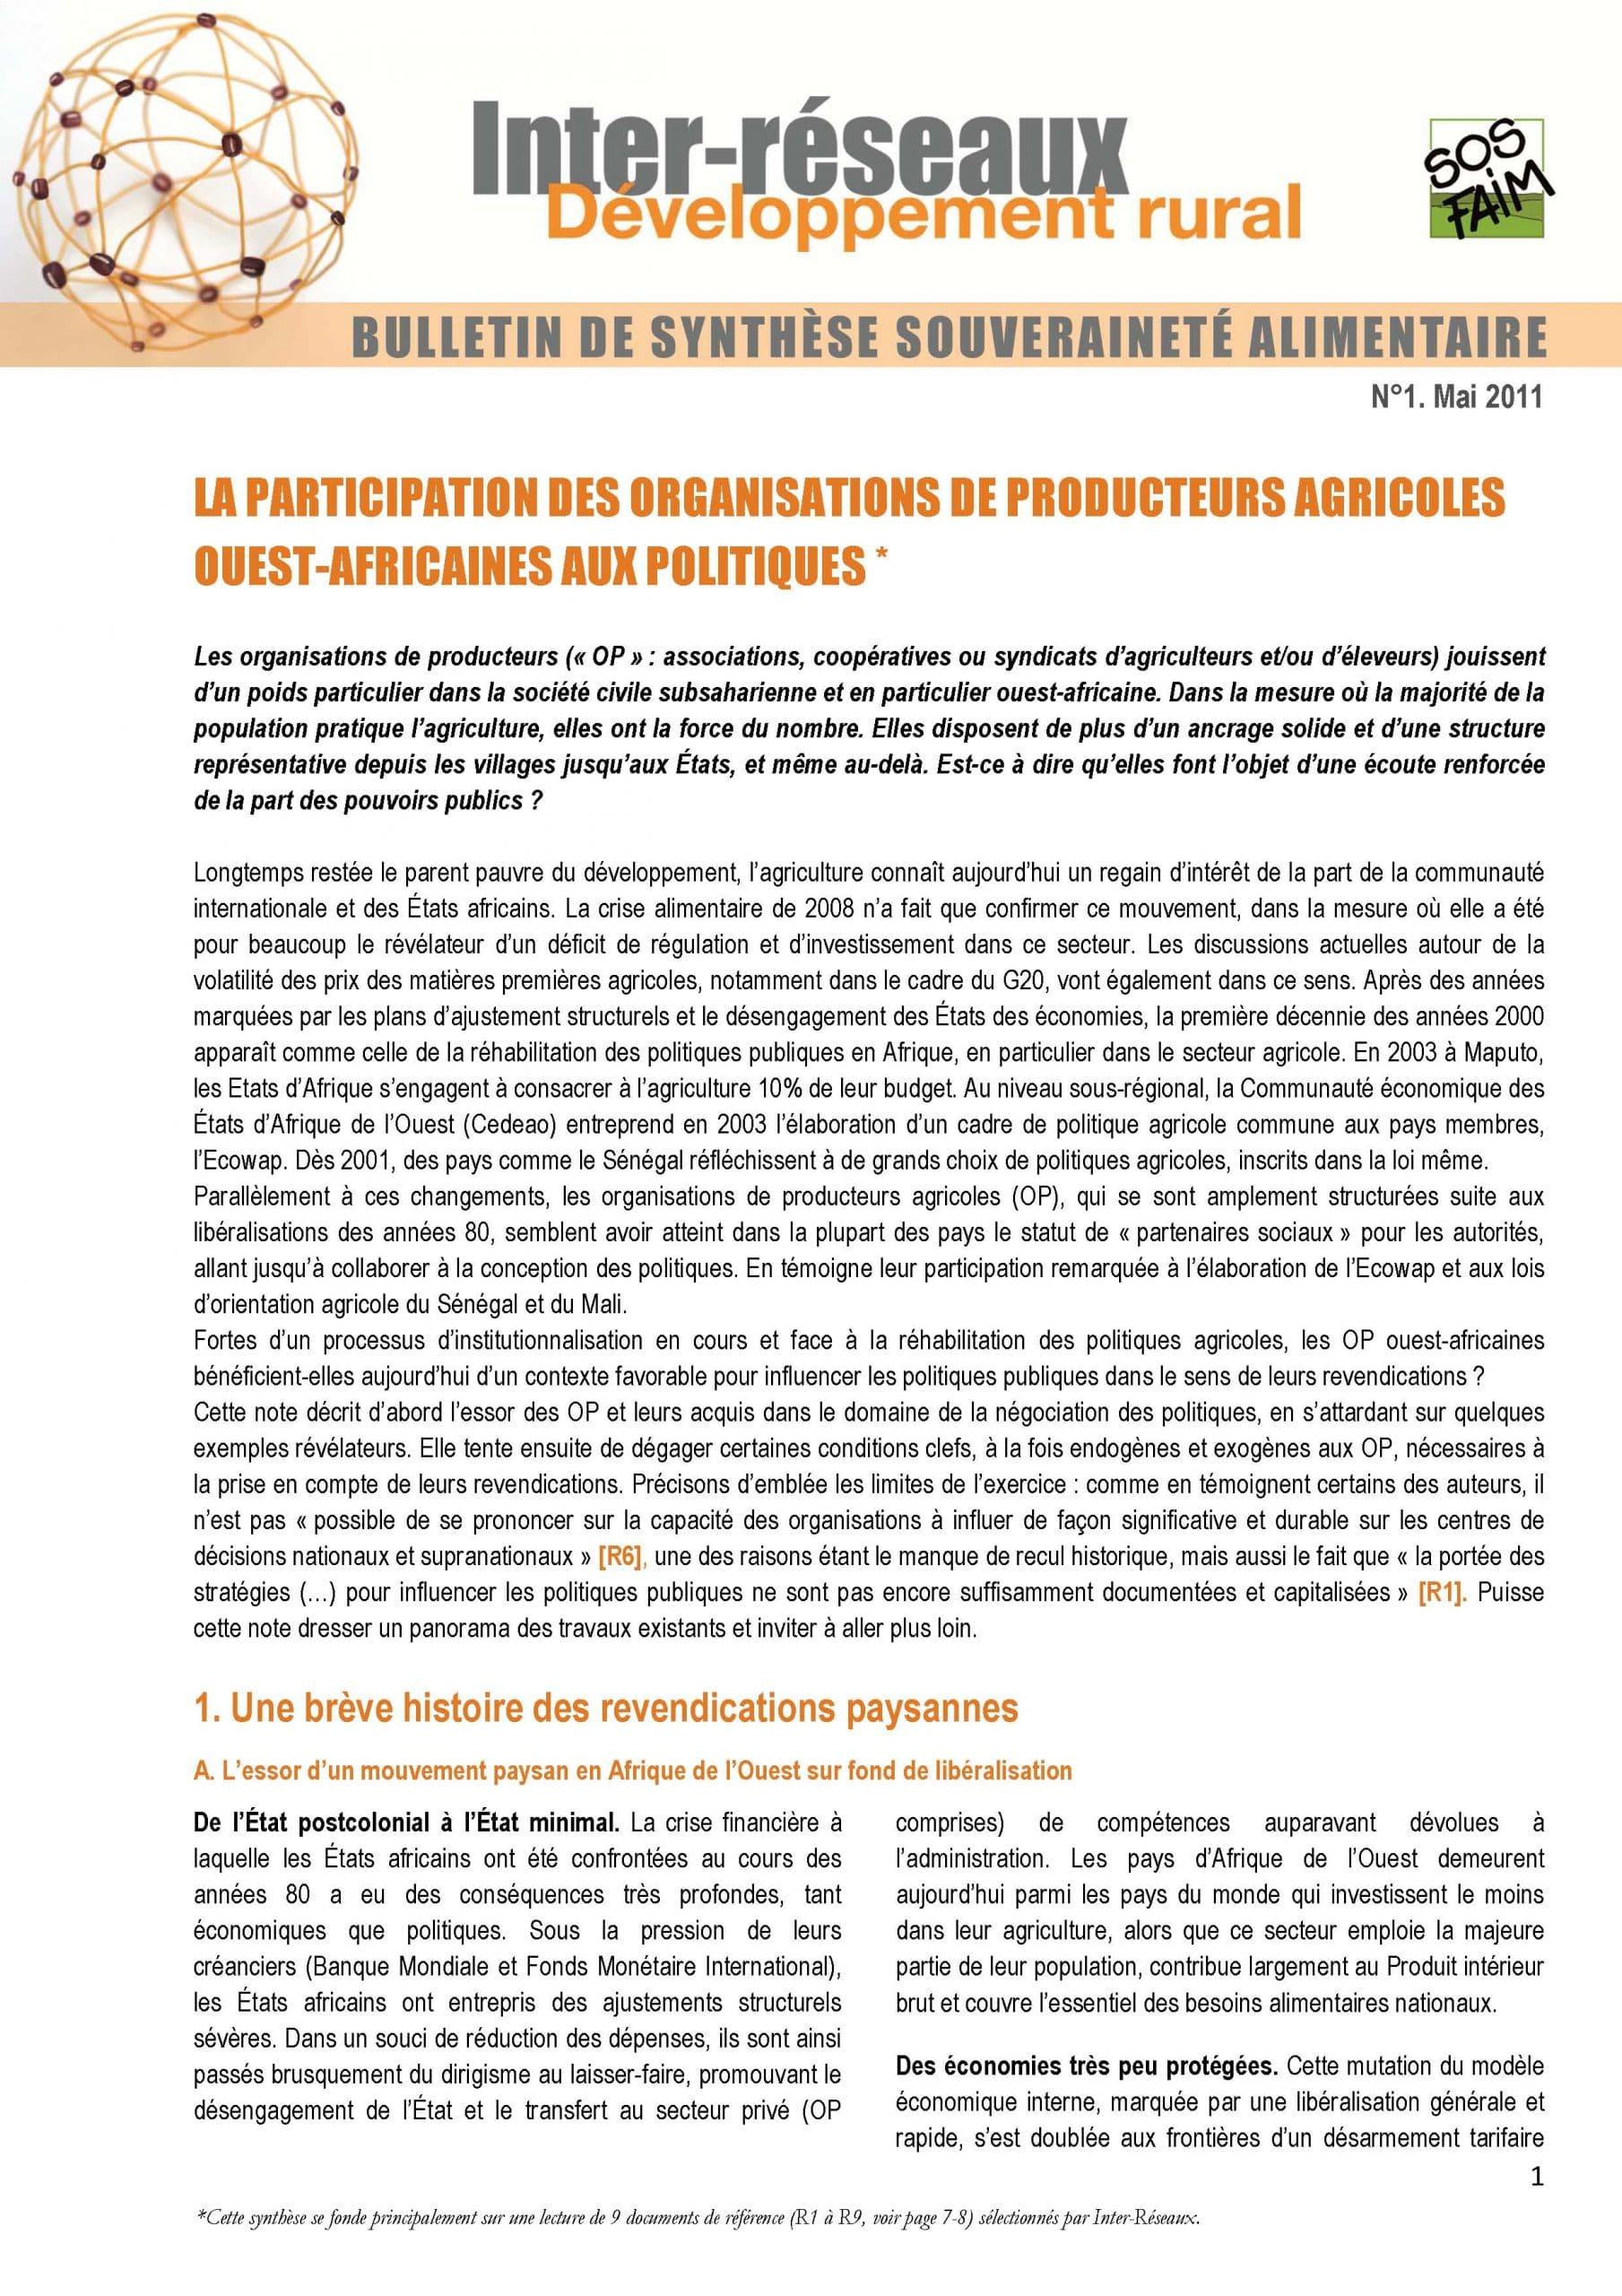 Bulletin de synthèse n°1 - La participation des OP ouest africaines aux politiques